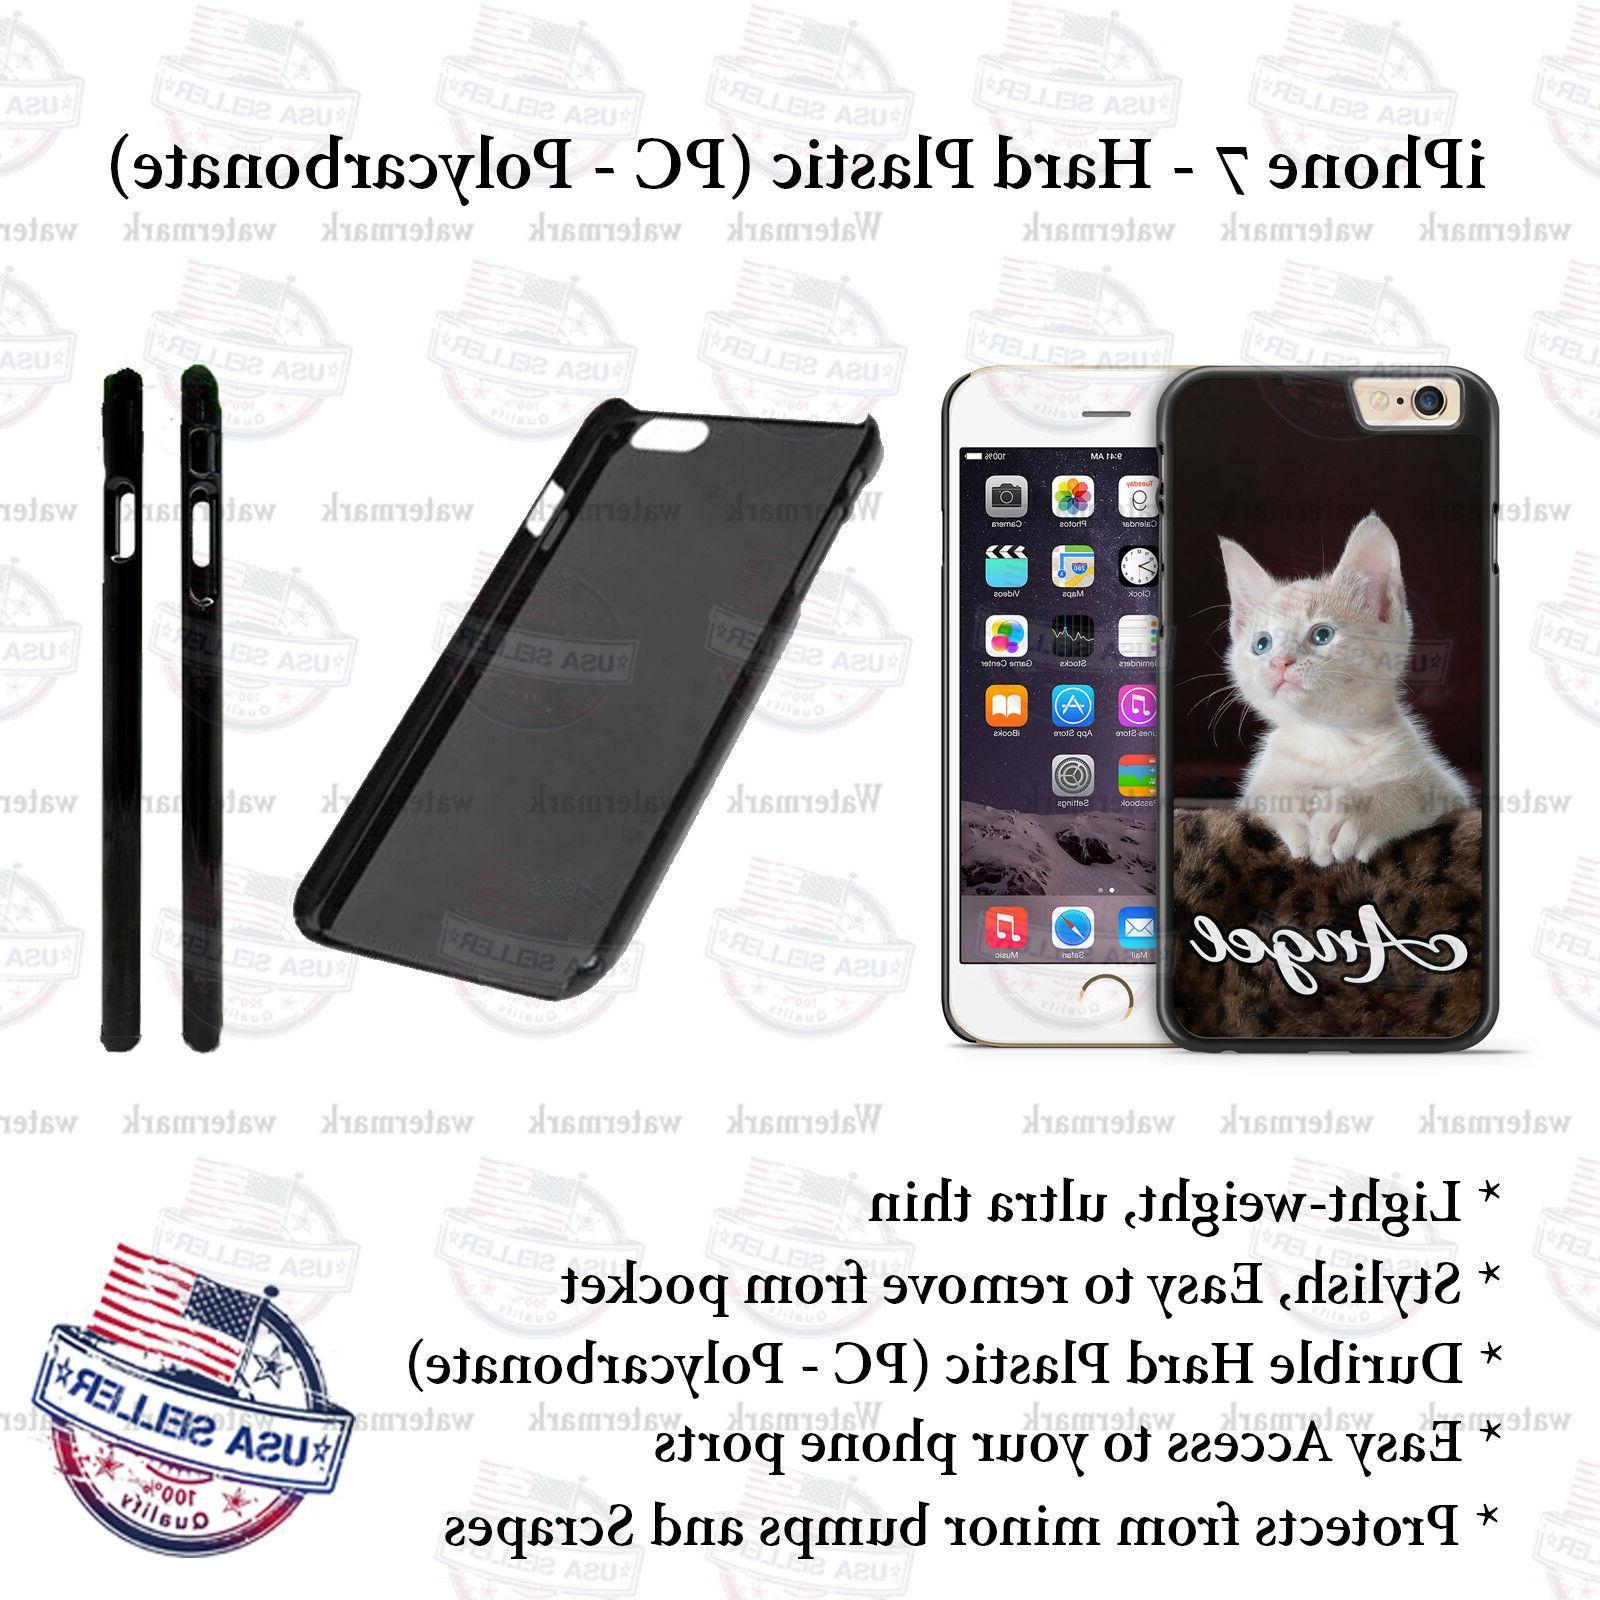 Nagasaki Sa-Kana Style Phone Case Fits iPhone LG Google